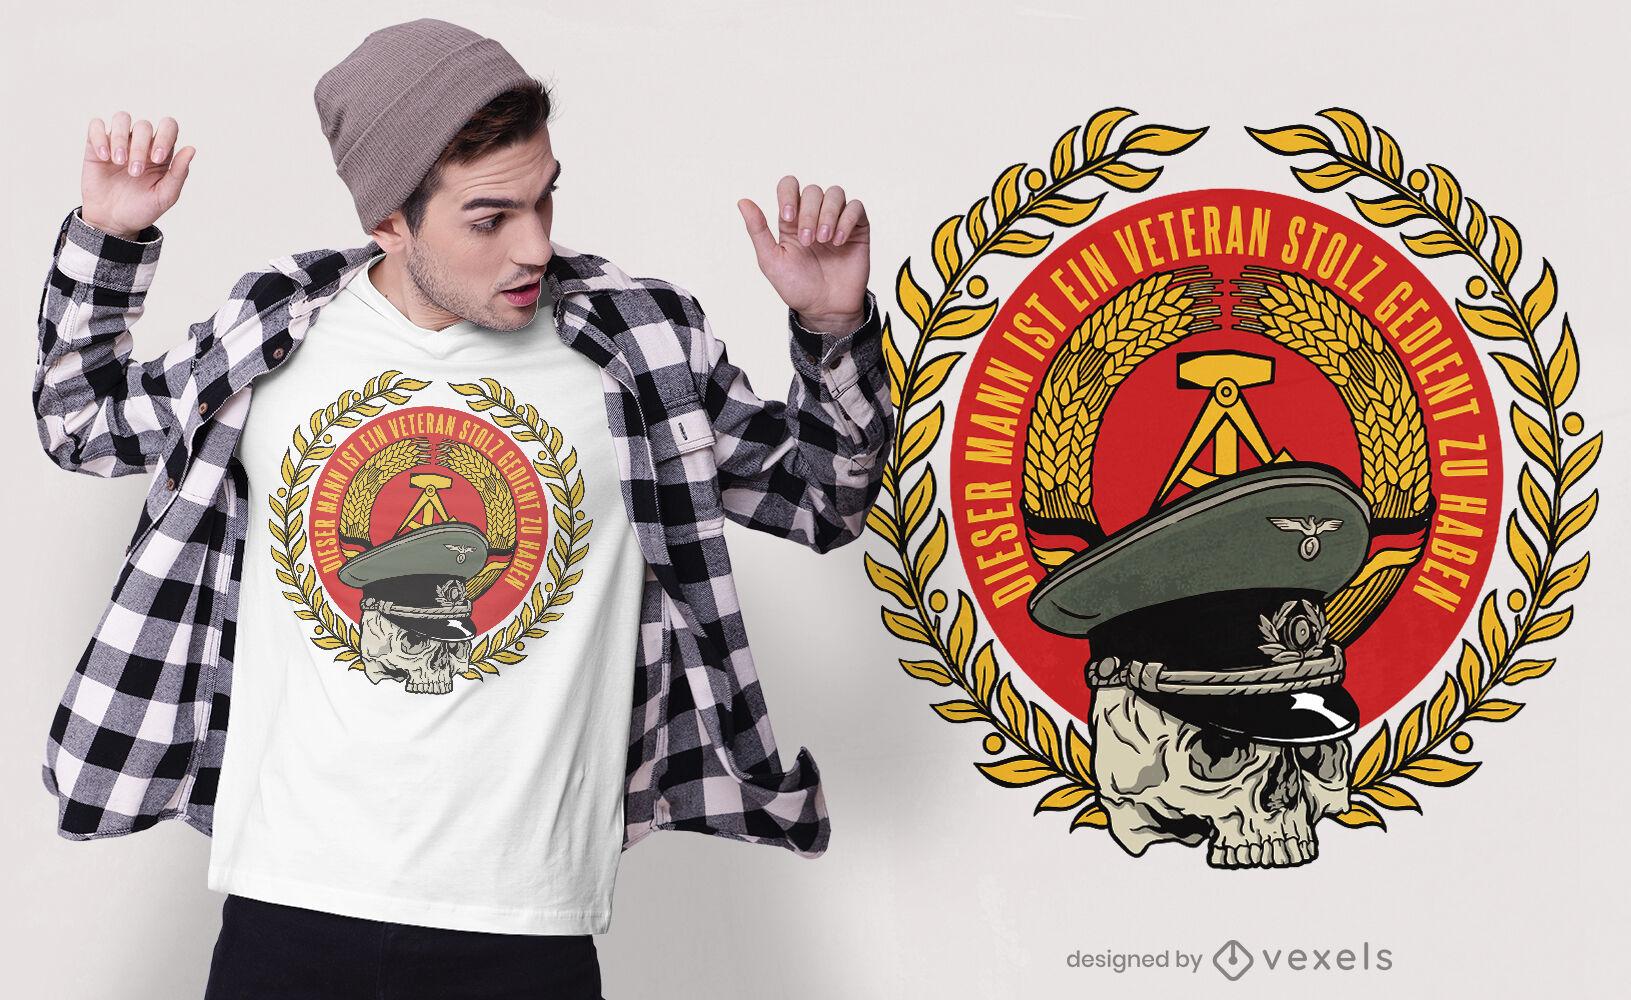 German veteran army badge t-shirt design